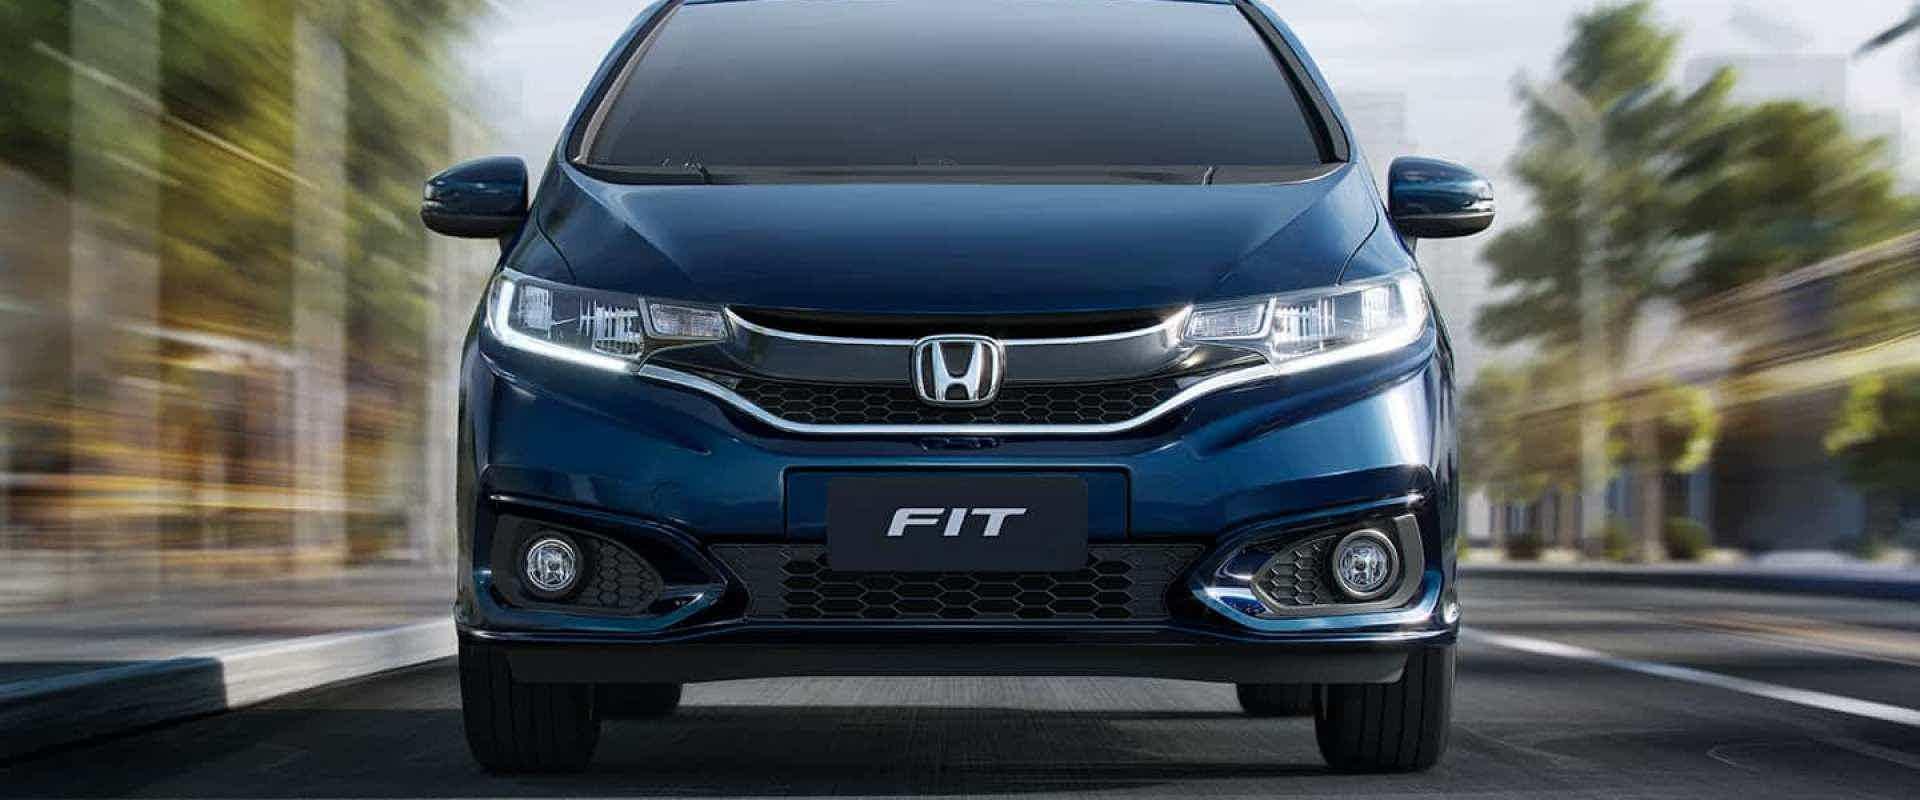 Prós e contras do Honda Fit